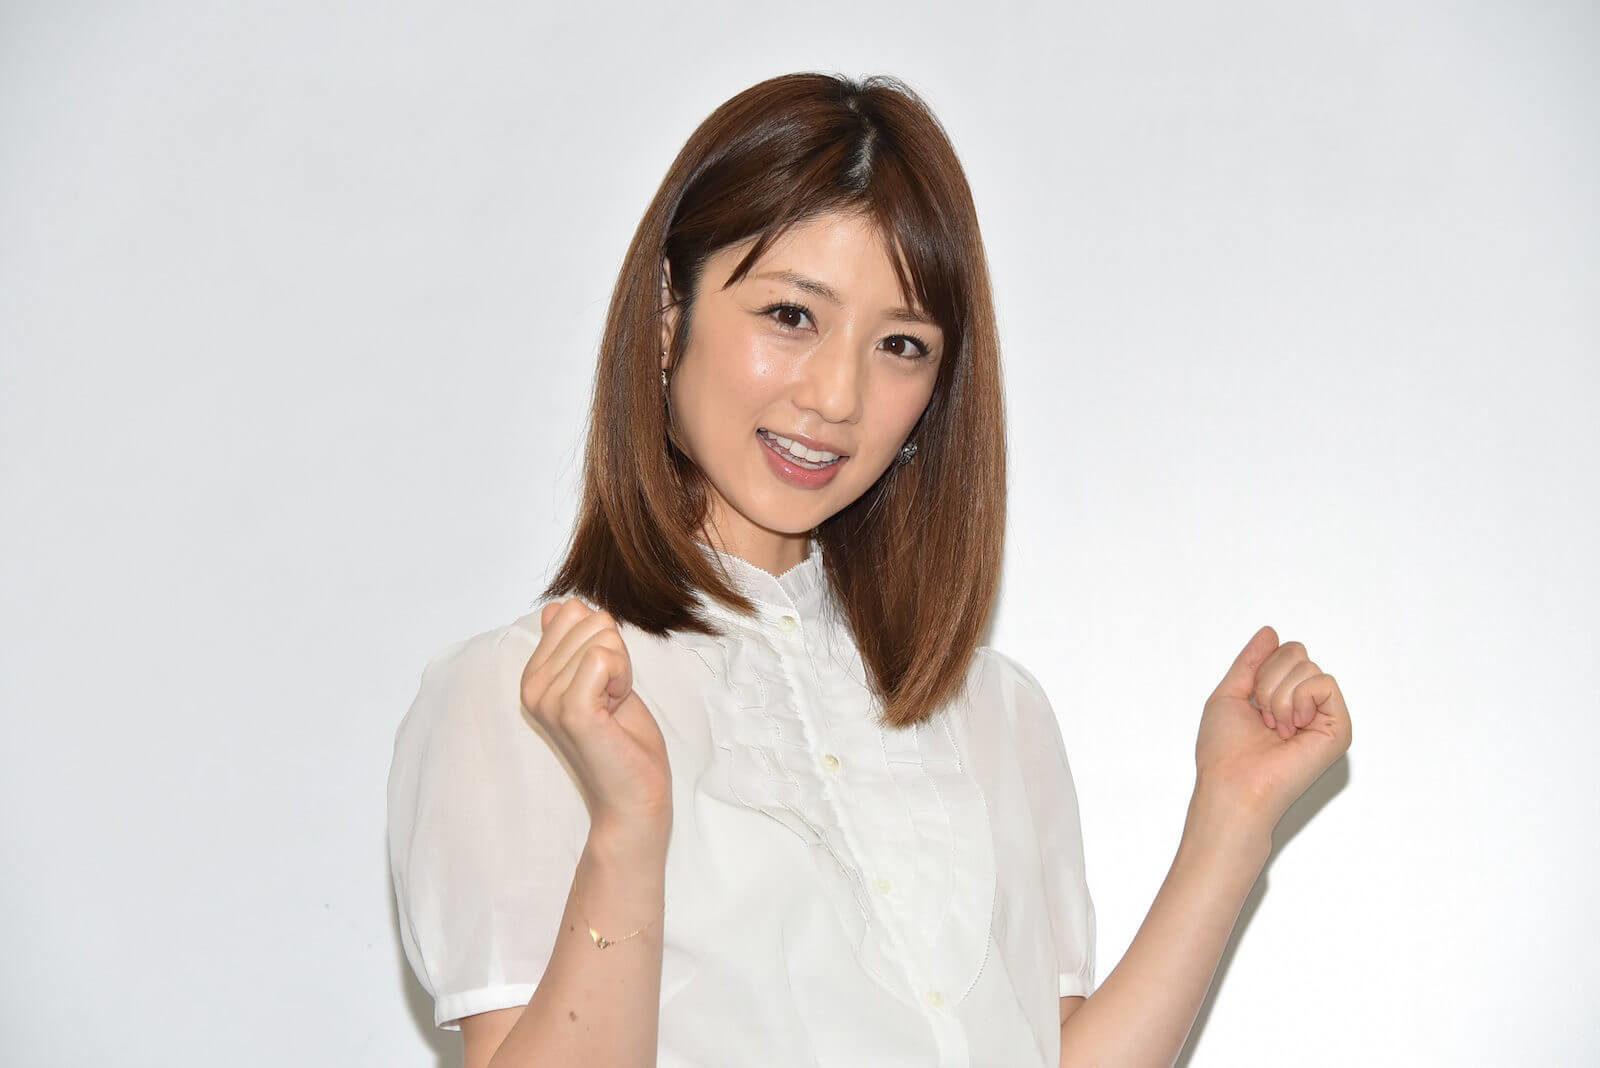 フット岩尾、小倉優子の交際相手に似ているとの噂に心境明かすサムネイル画像